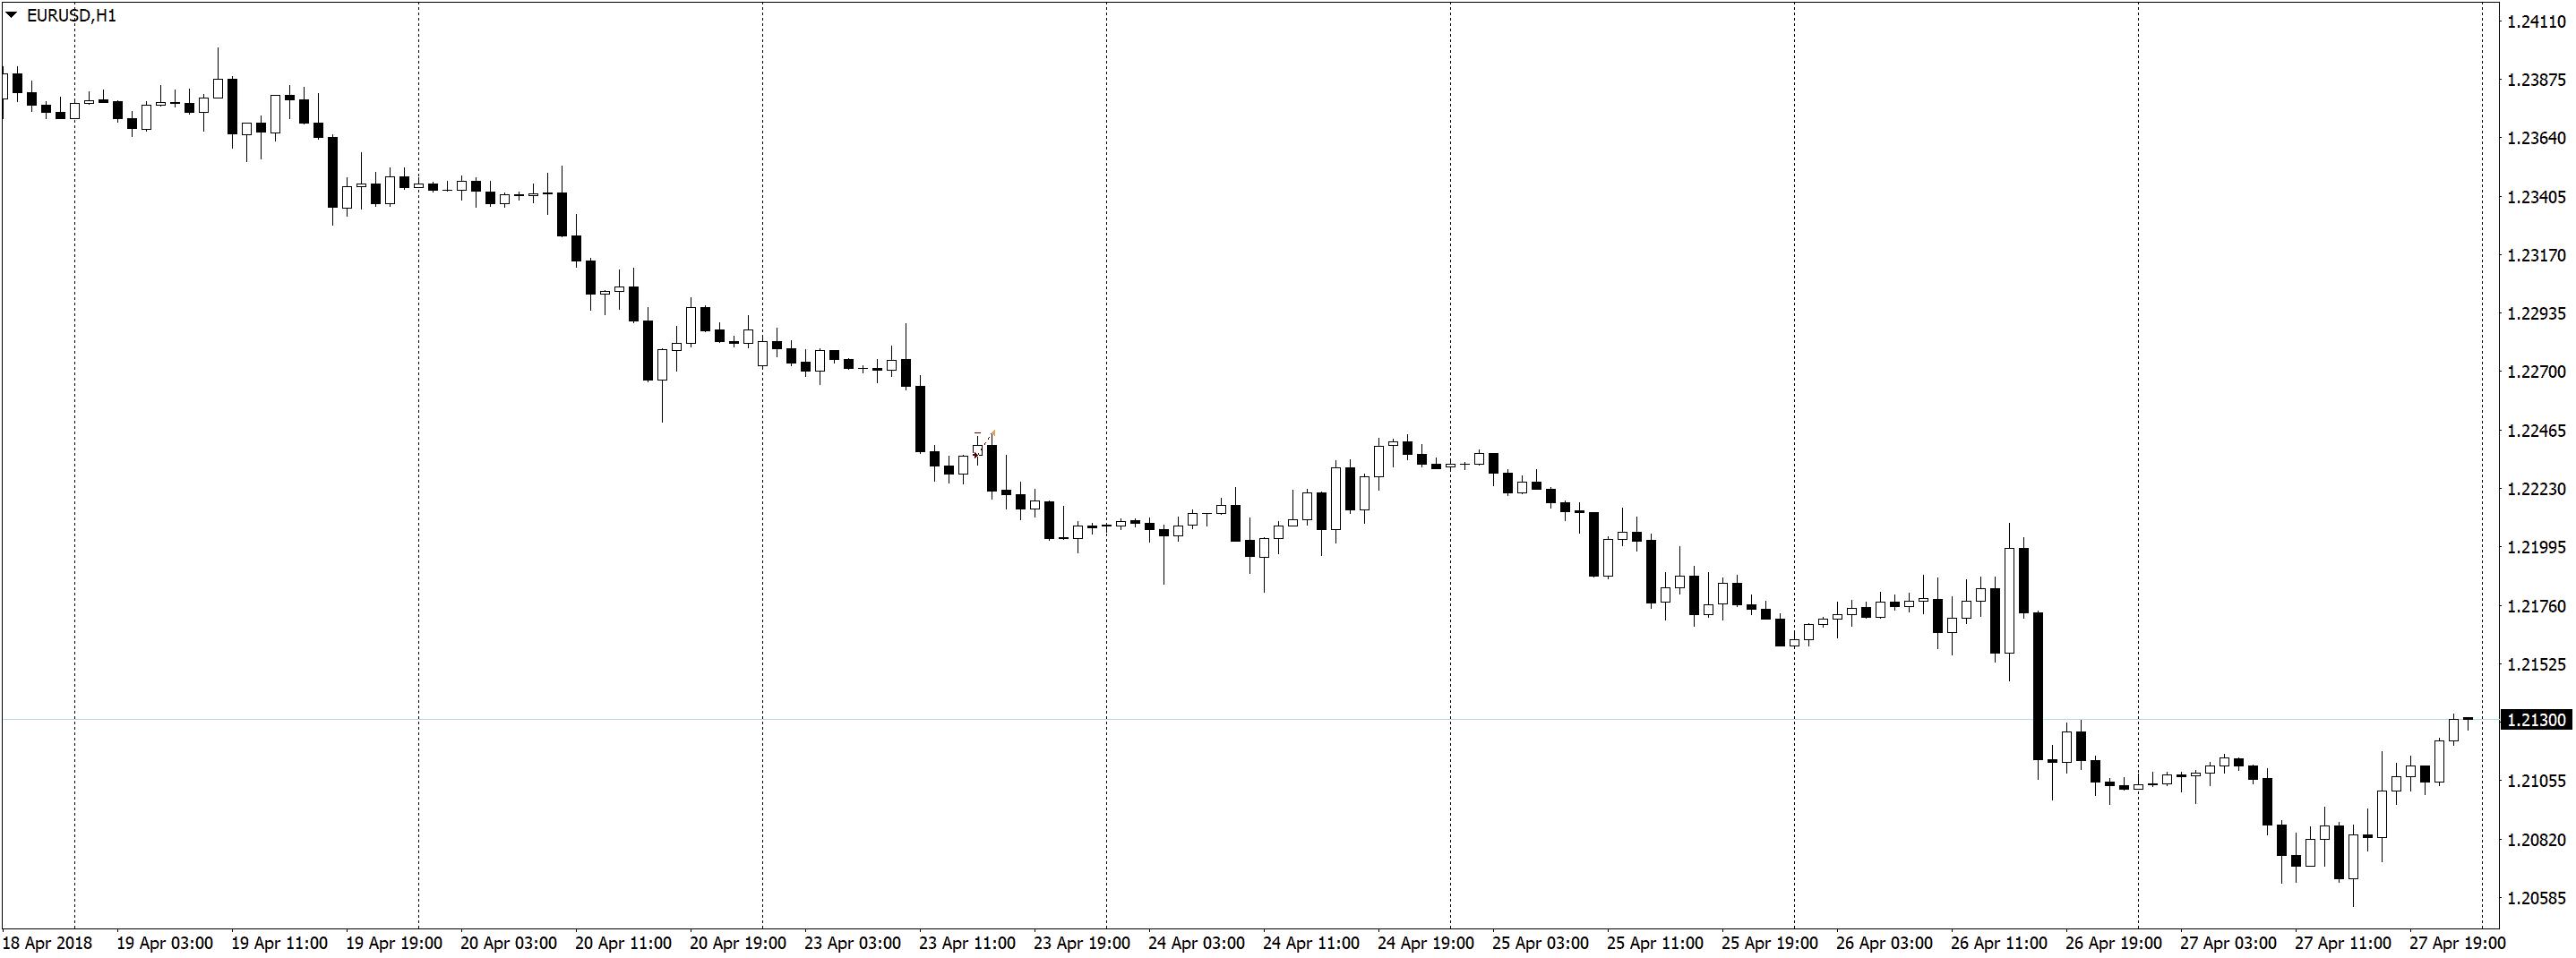 EURUSDH1 Трейдинг по часовым графикам, немного сделок, спокойная торговля